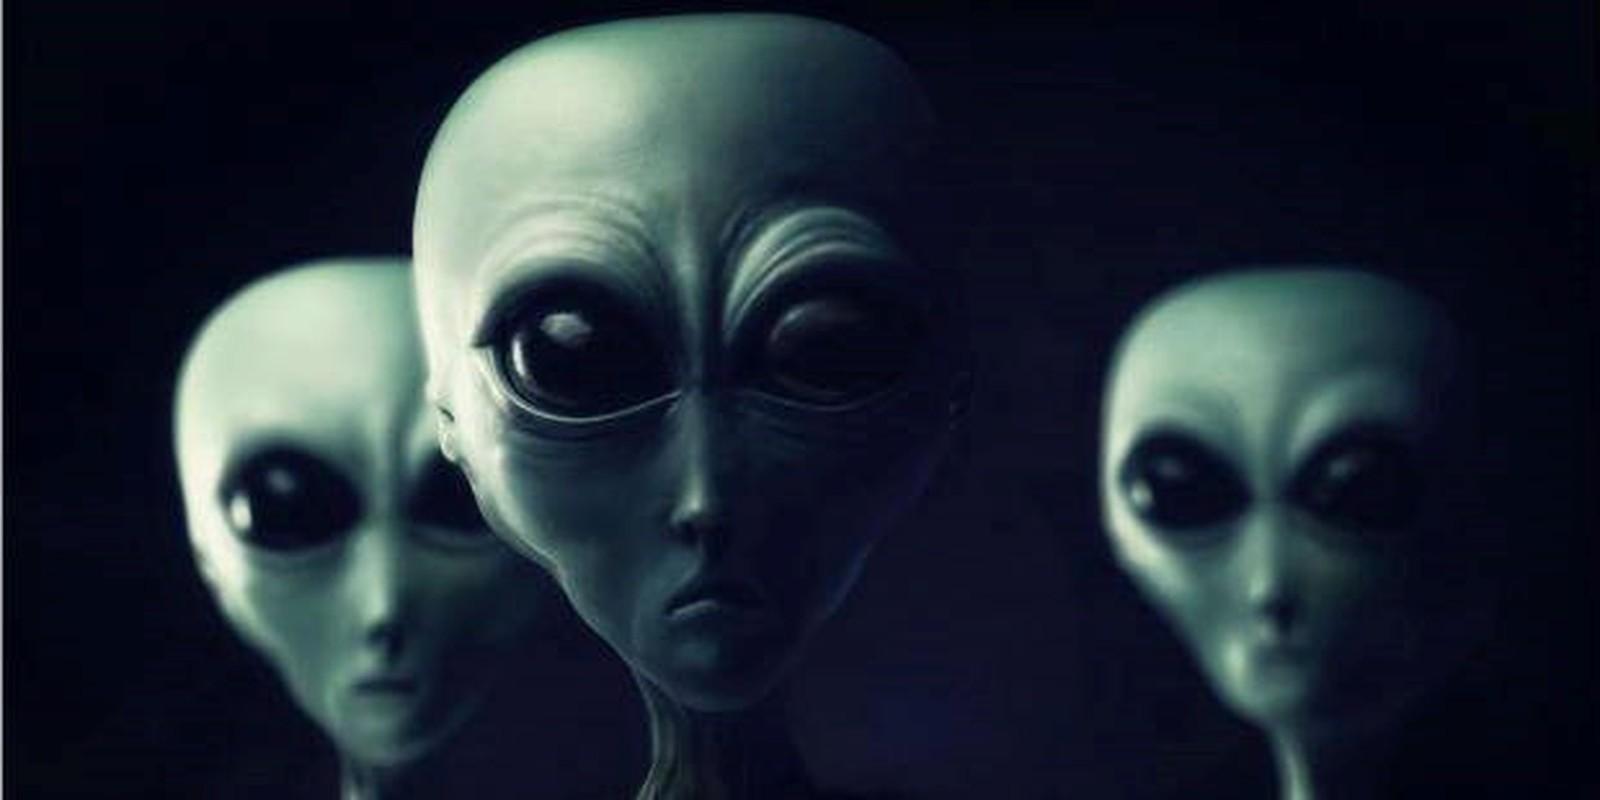 Xon xao UFO xuat hien trong tu, hang loat pham nhan mac benh la?-Hinh-5